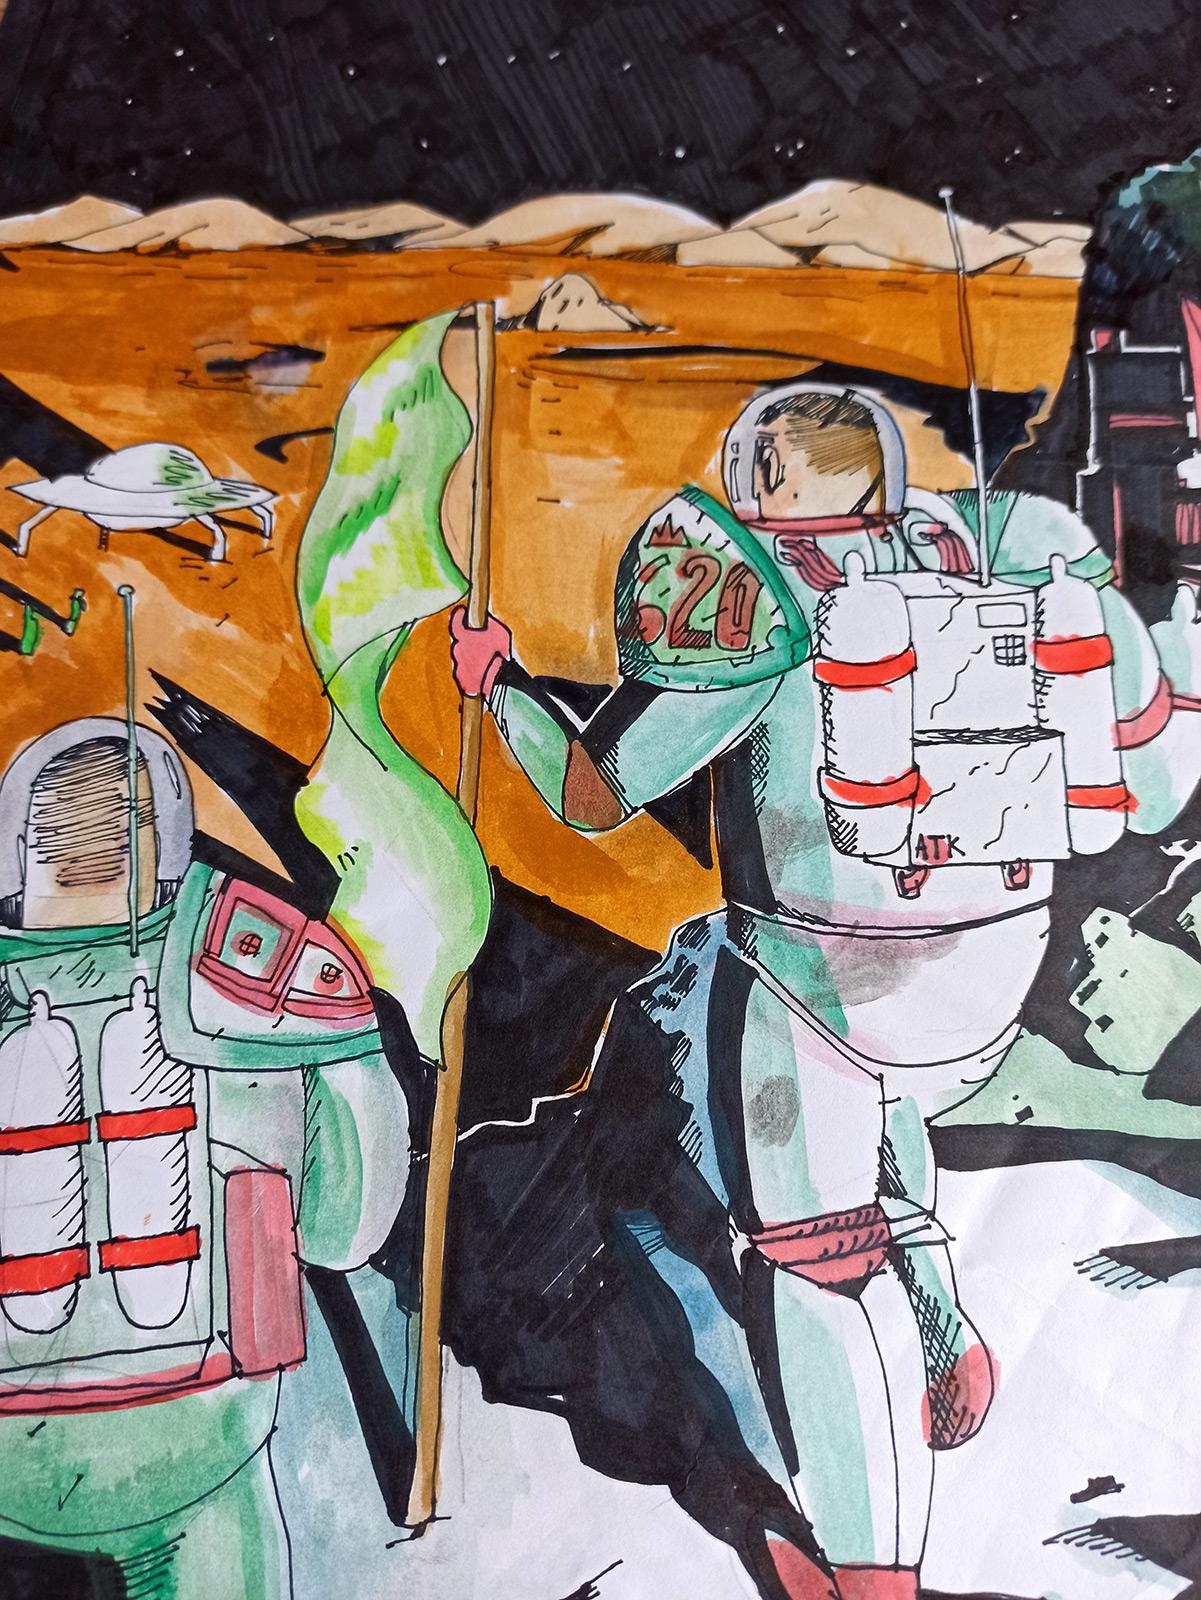 tegninger, børnevenlige, grafiske, illustrative, landskab, tegneserier, bevægelse, mennesker, videnskab, himmel, transportmidler, sorte, brune, grønne, røde, papir, tusch, samtidskunst, moderne, moderne-kunst, Køb original kunst og kunstplakater. Malerier, tegninger, limited edition kunsttryk & plakater af dygtige kunstnere.